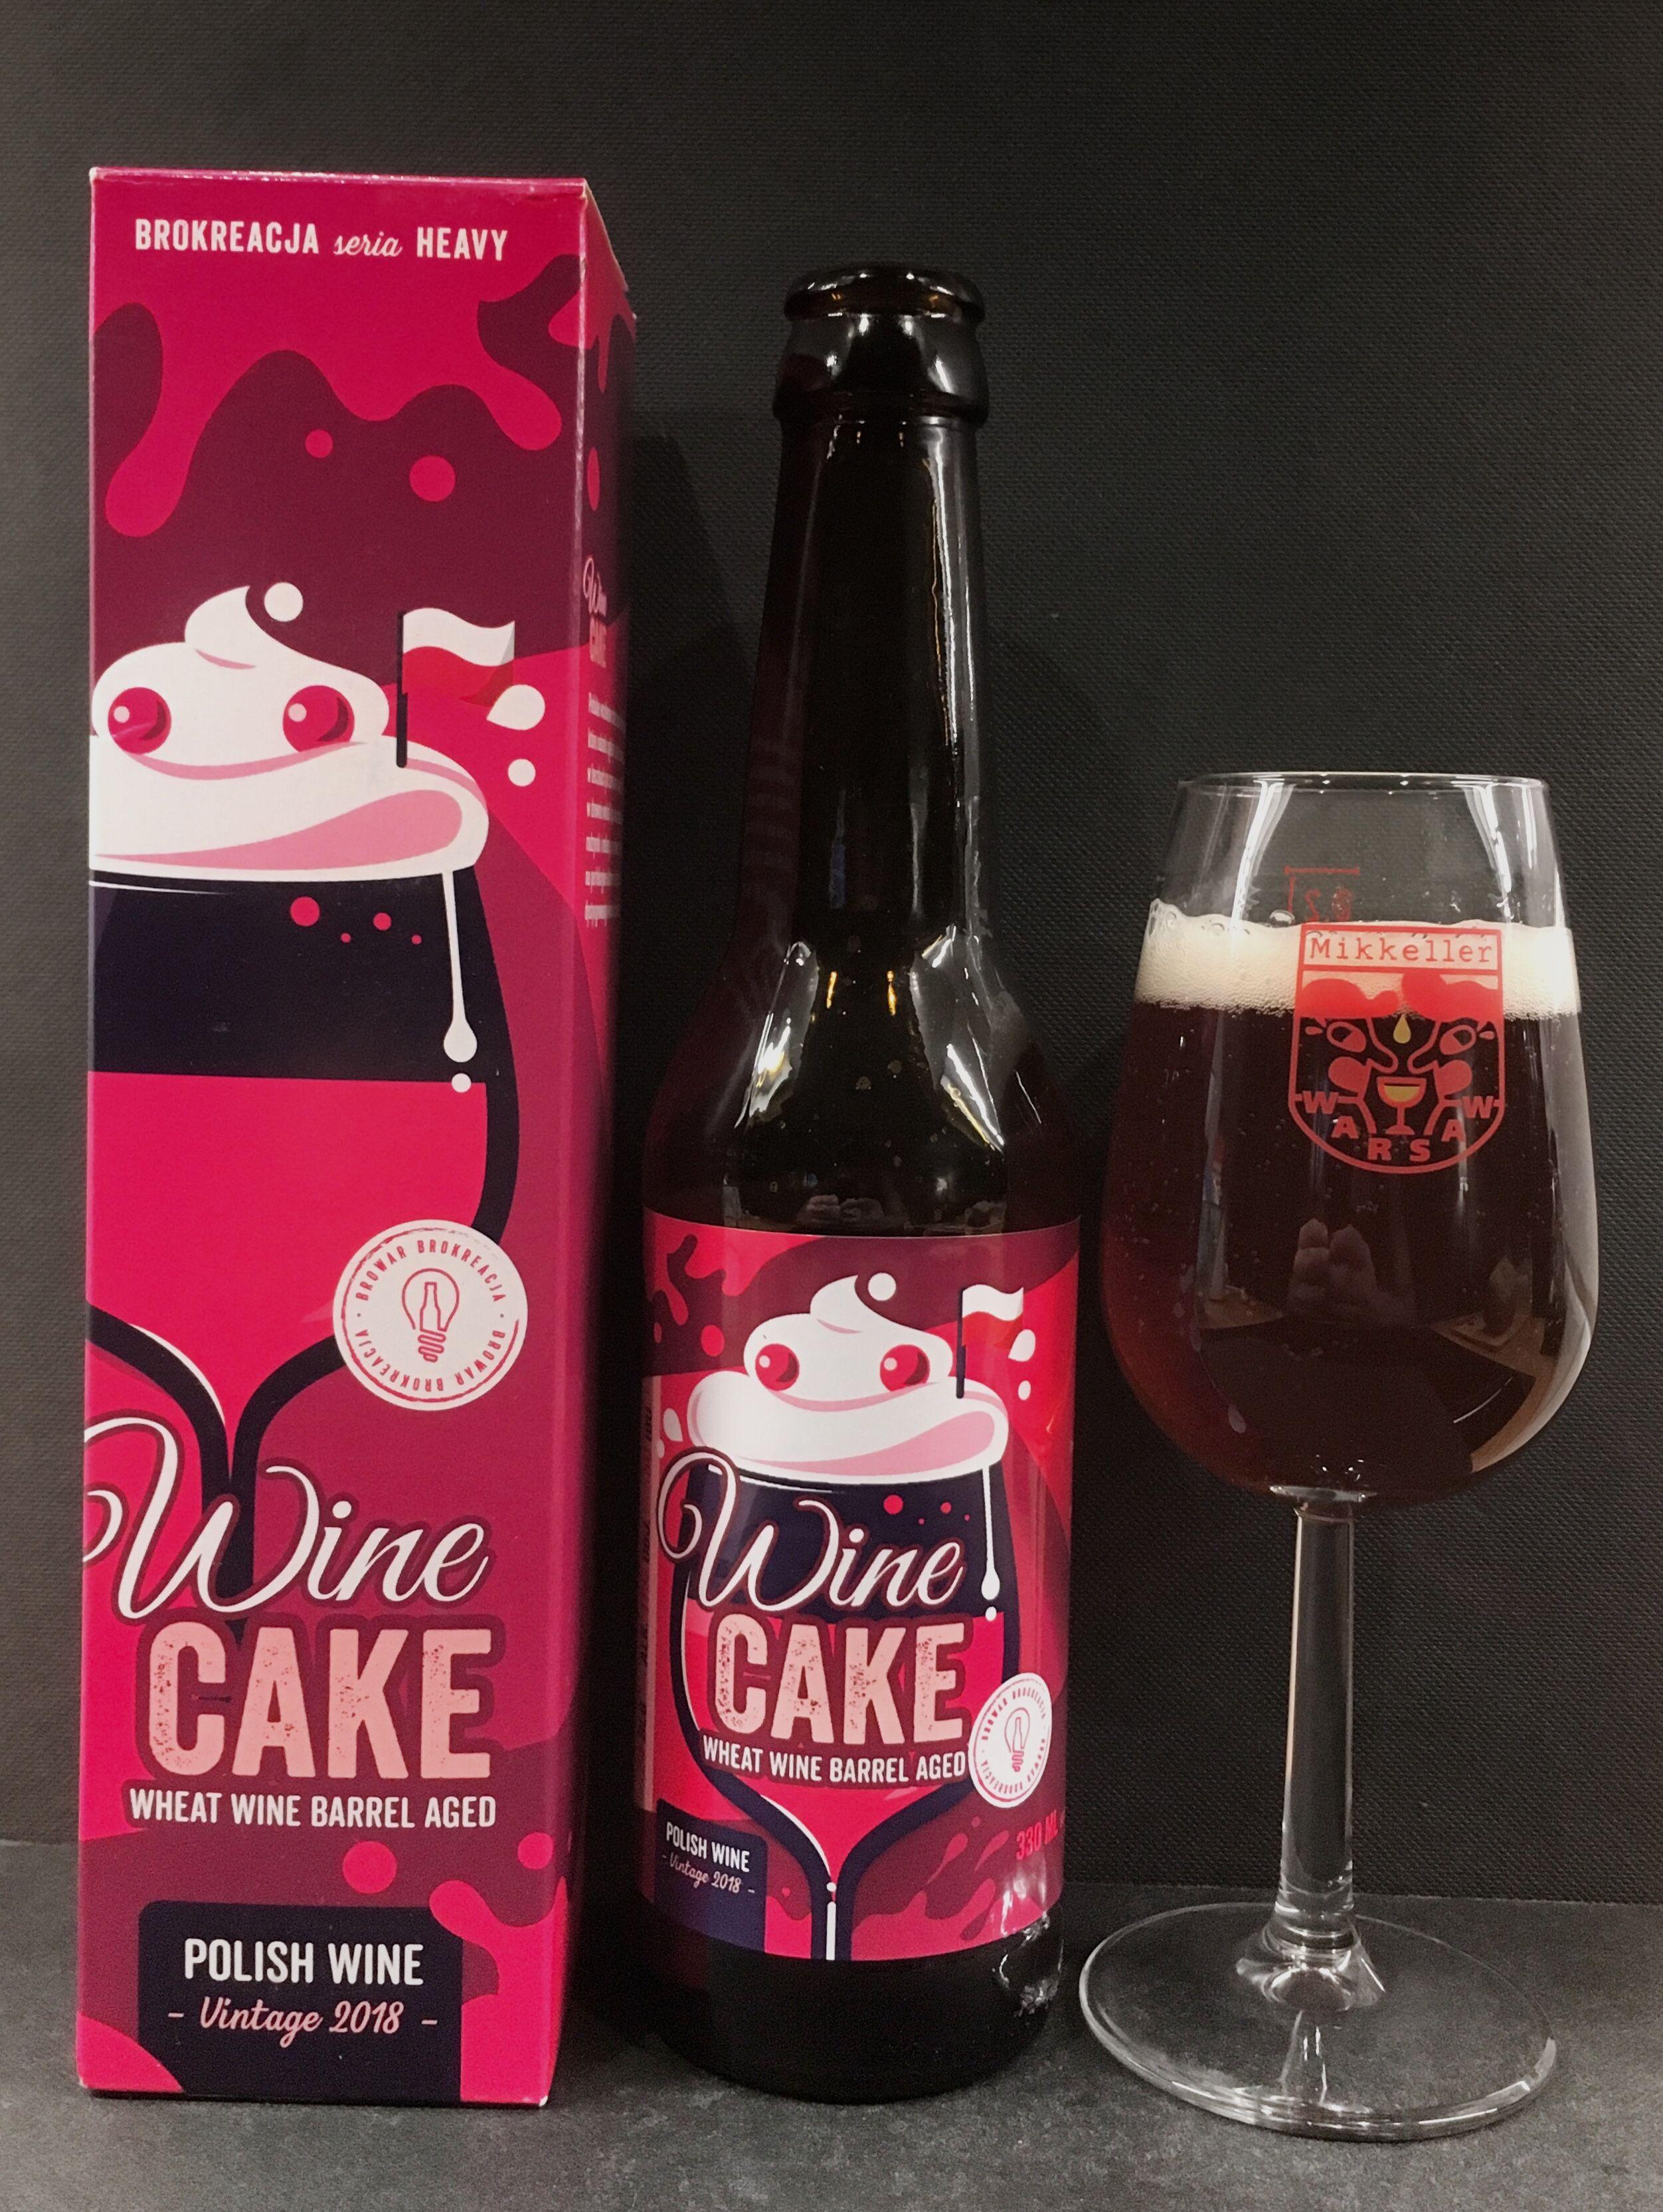 Brokreacja Wine Cake Cerveza